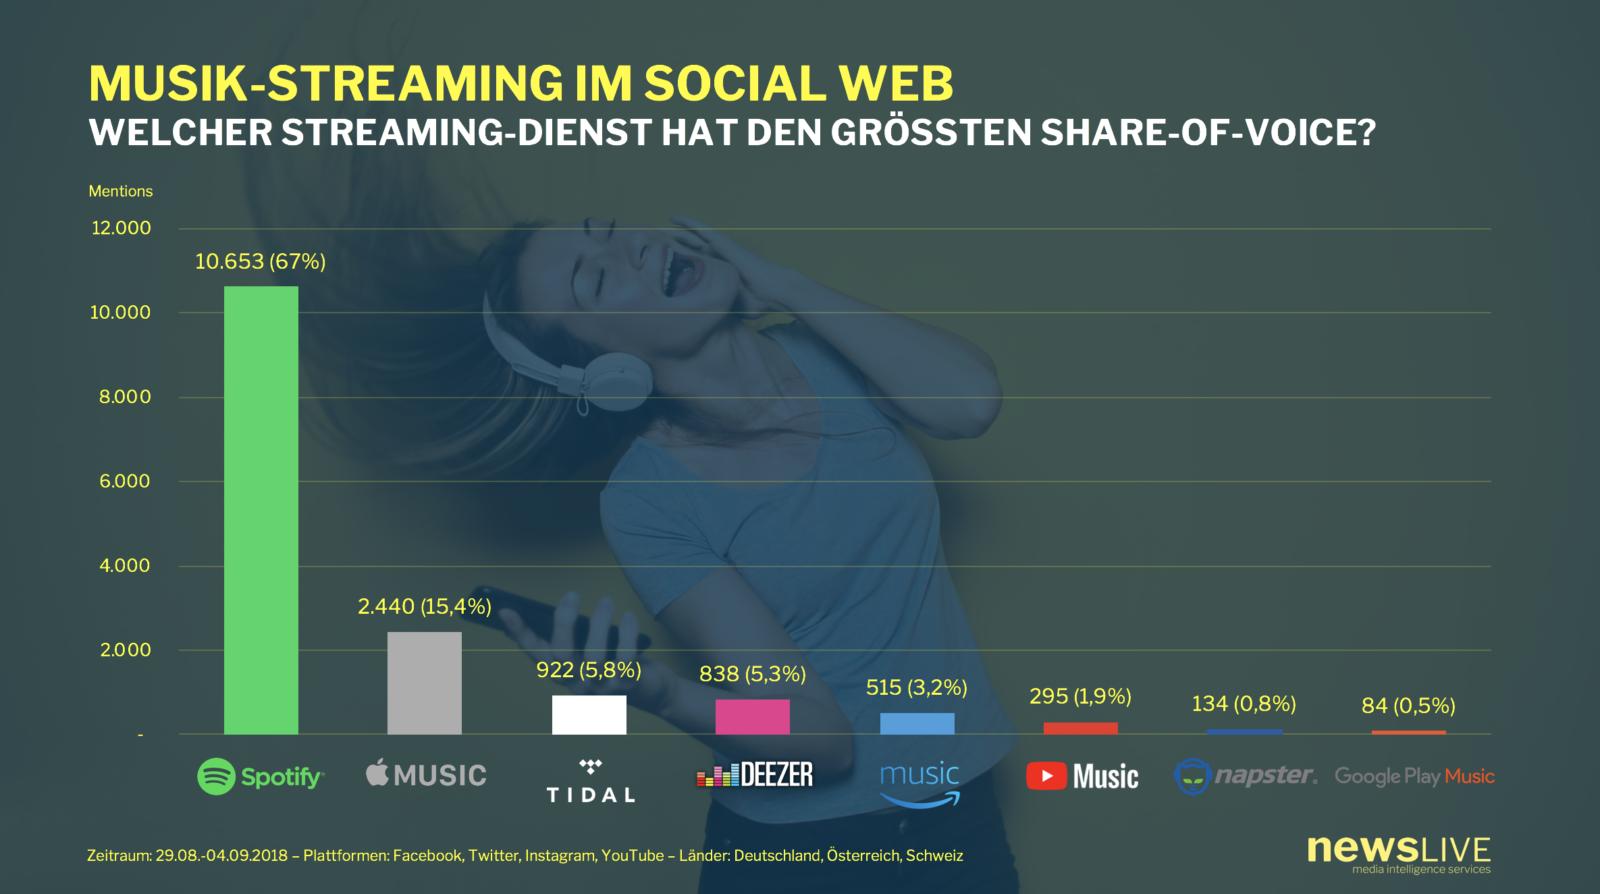 Newslive-Analyse zu Musik-Streaming-Diensten